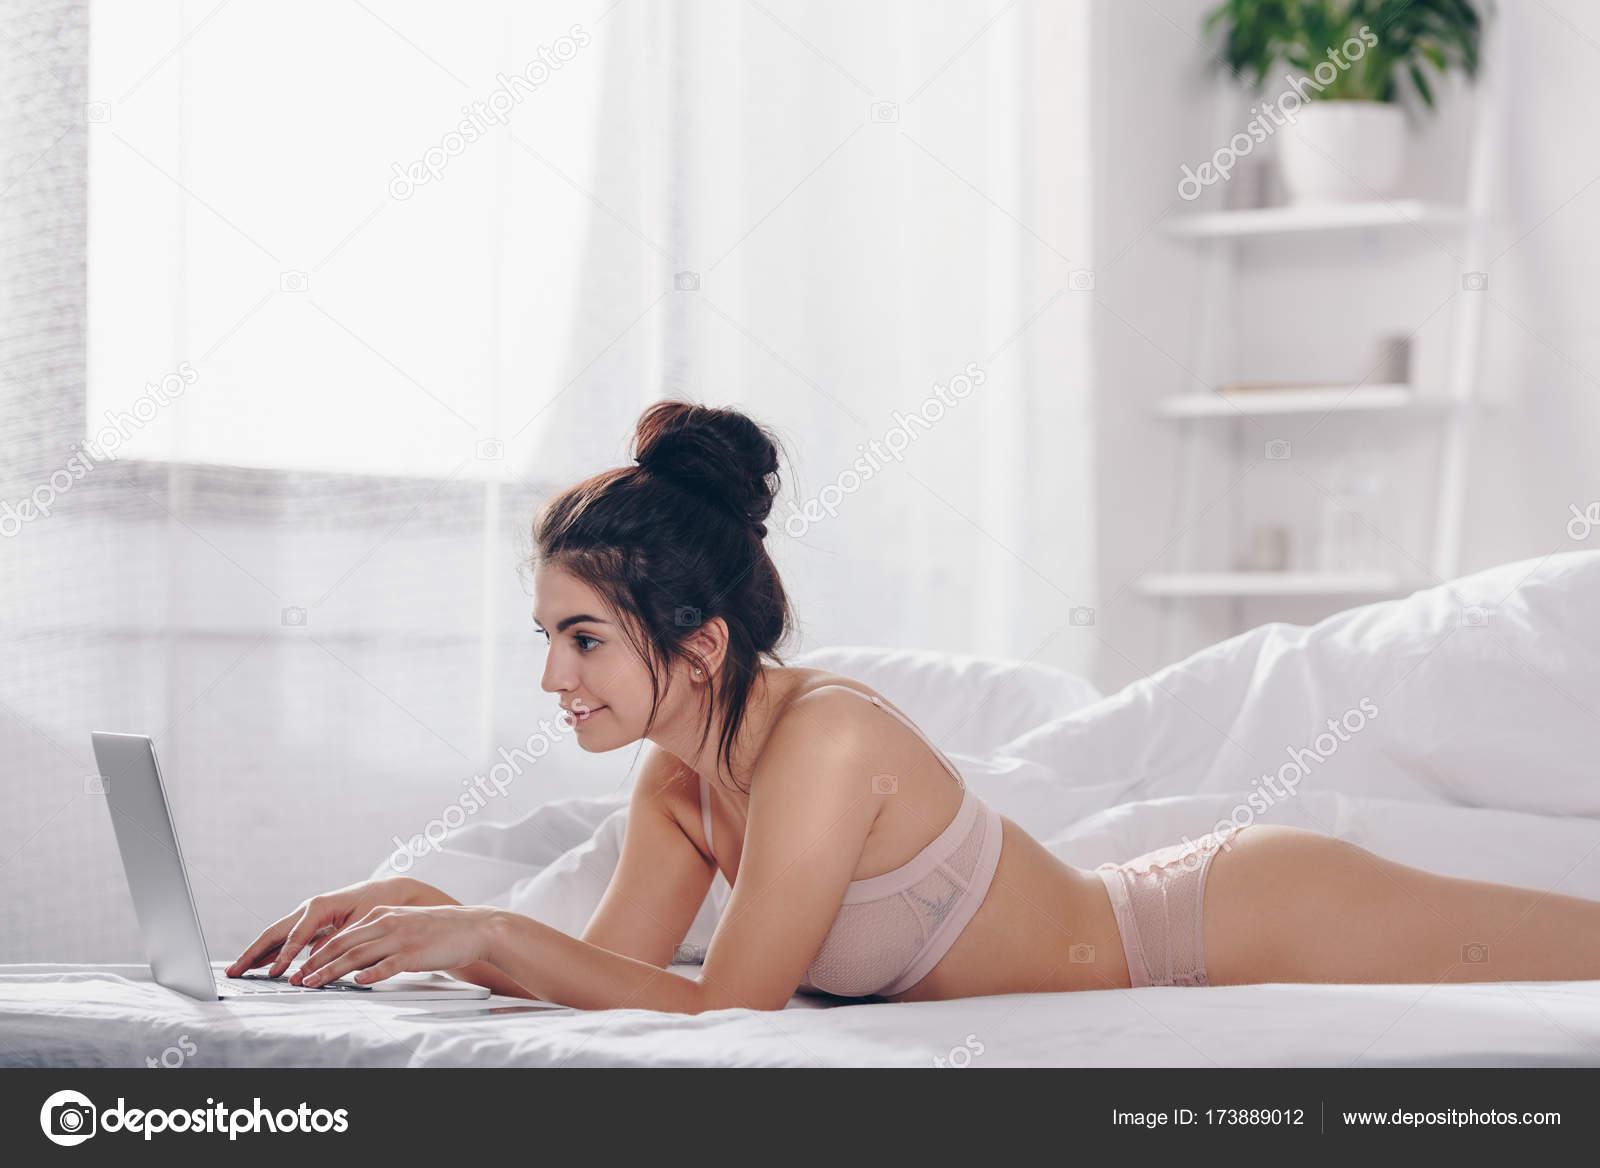 bcca483d0465 Chicas sin ropa nada de ropa | chica en ropa interior usando laptop ...